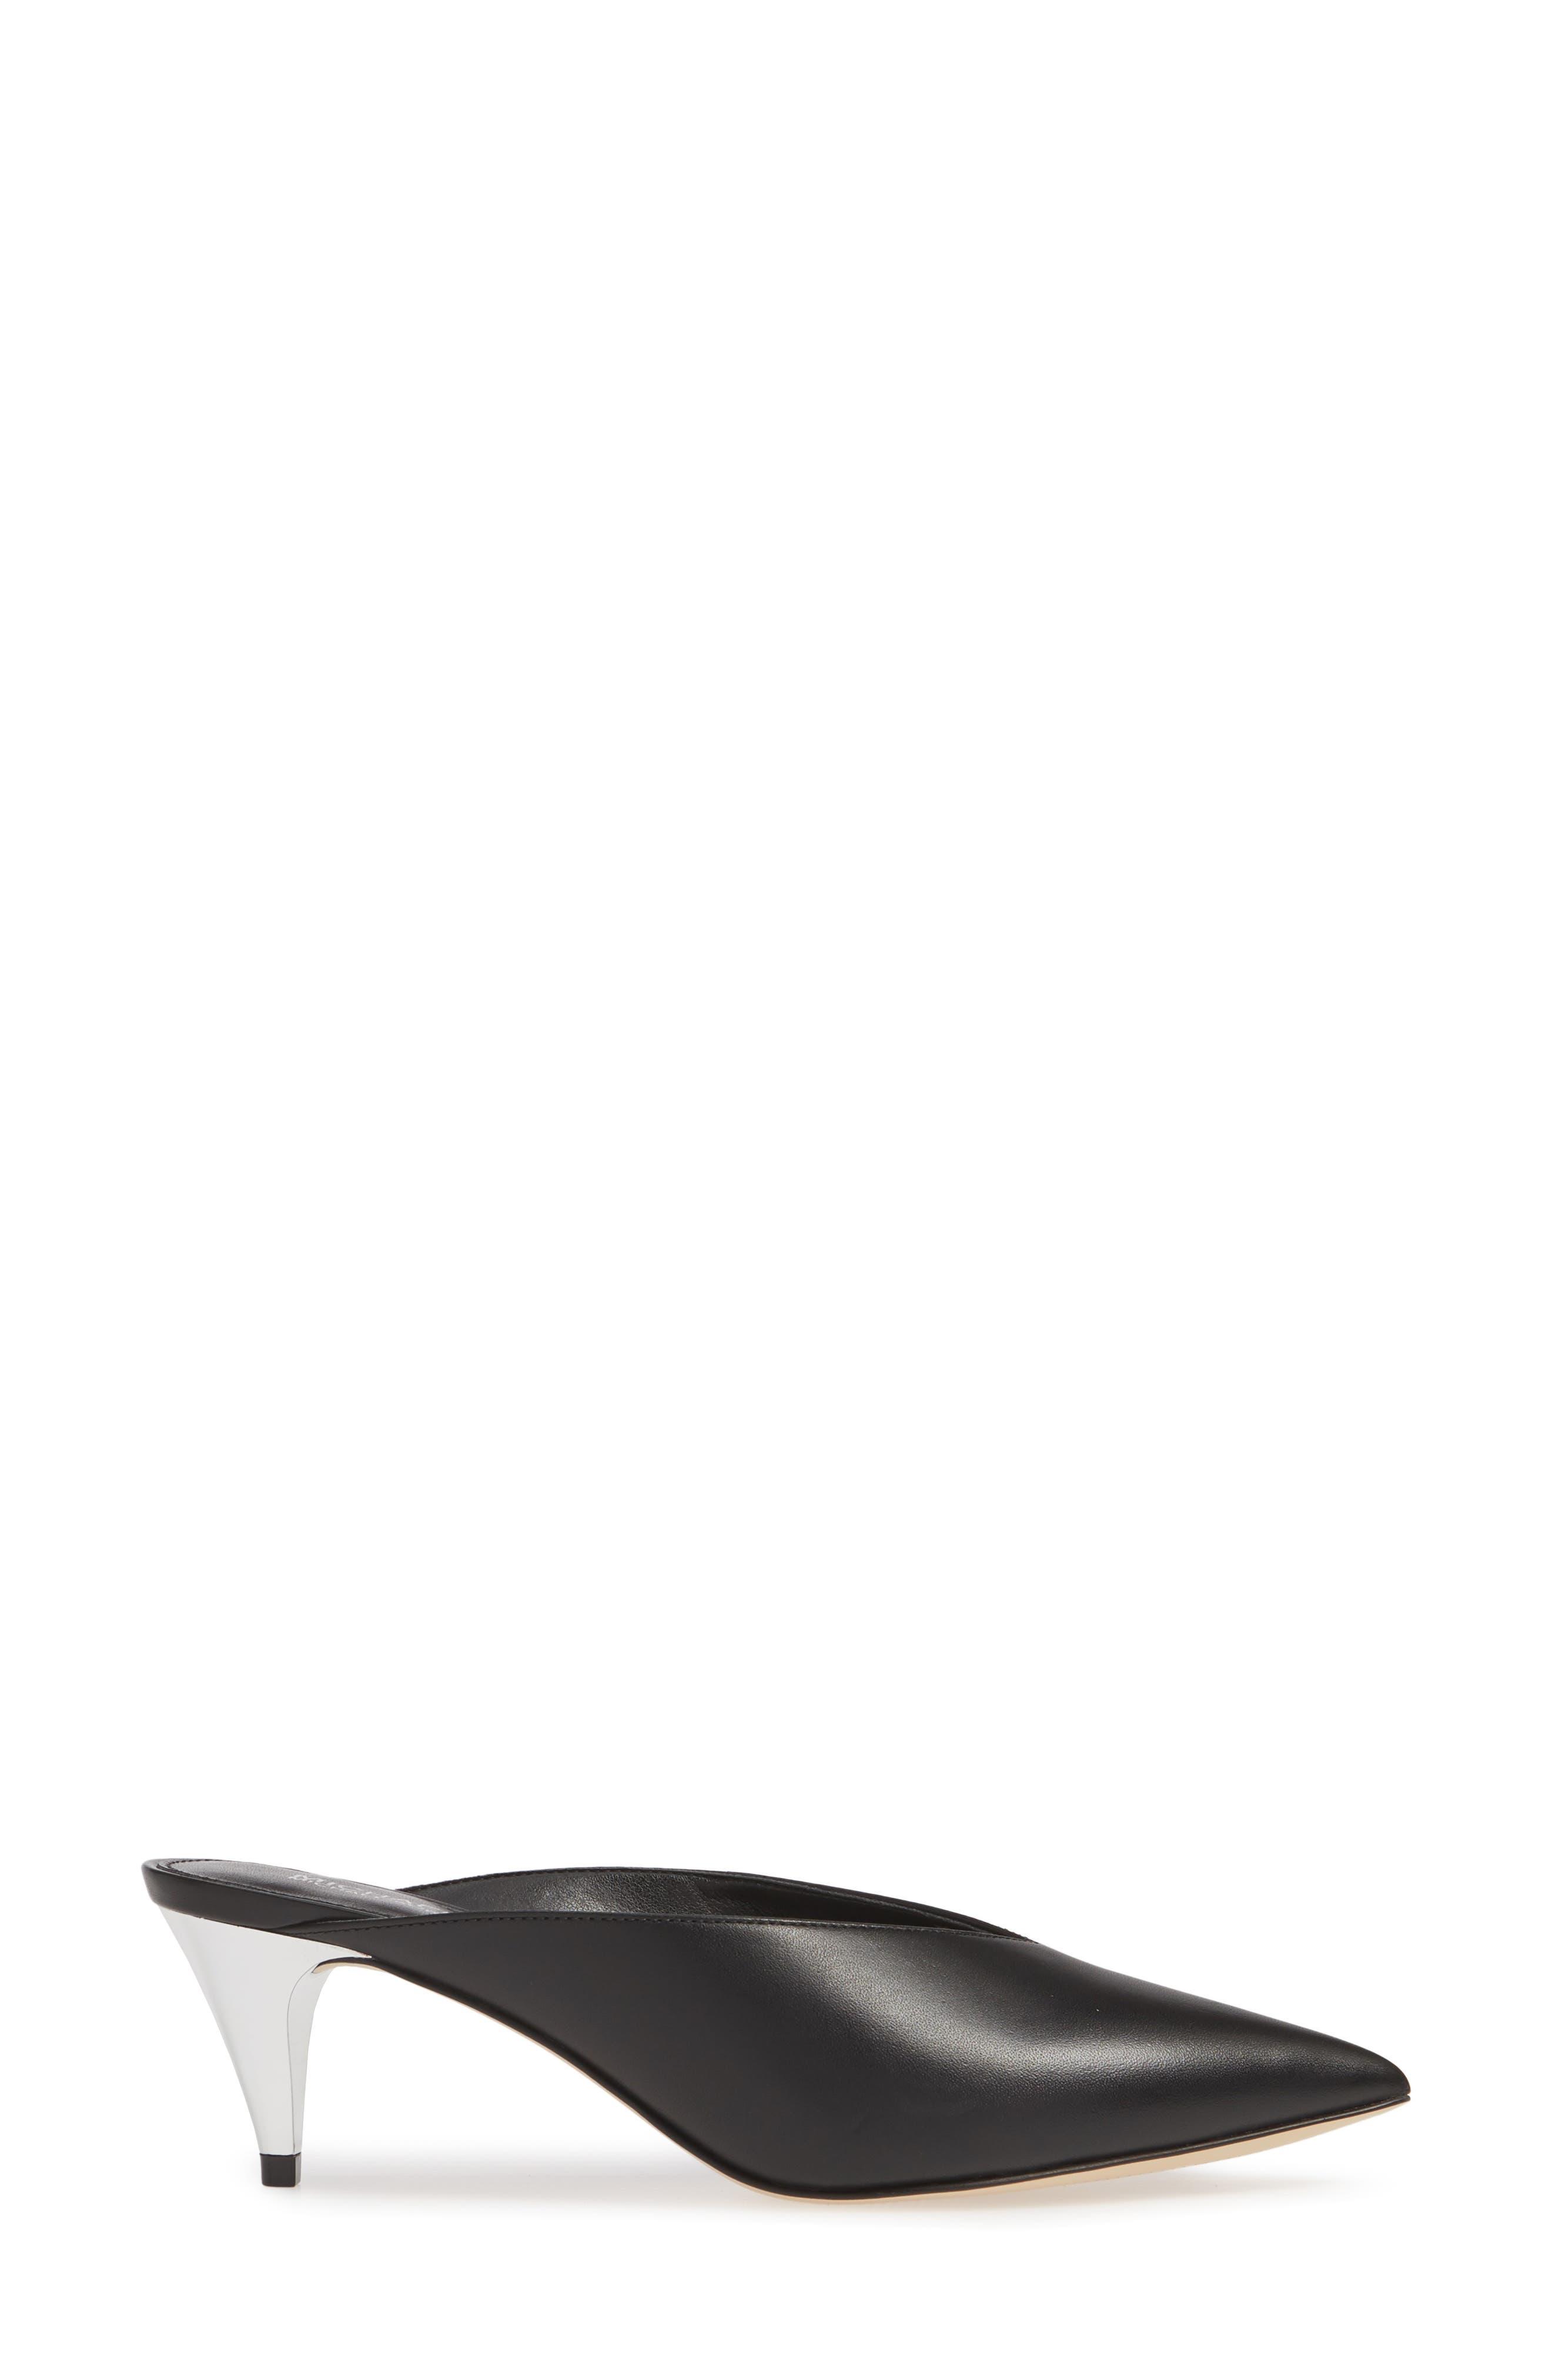 Cambria Mule,                             Alternate thumbnail 3, color,                             BLACK VACHETTA LEATHER